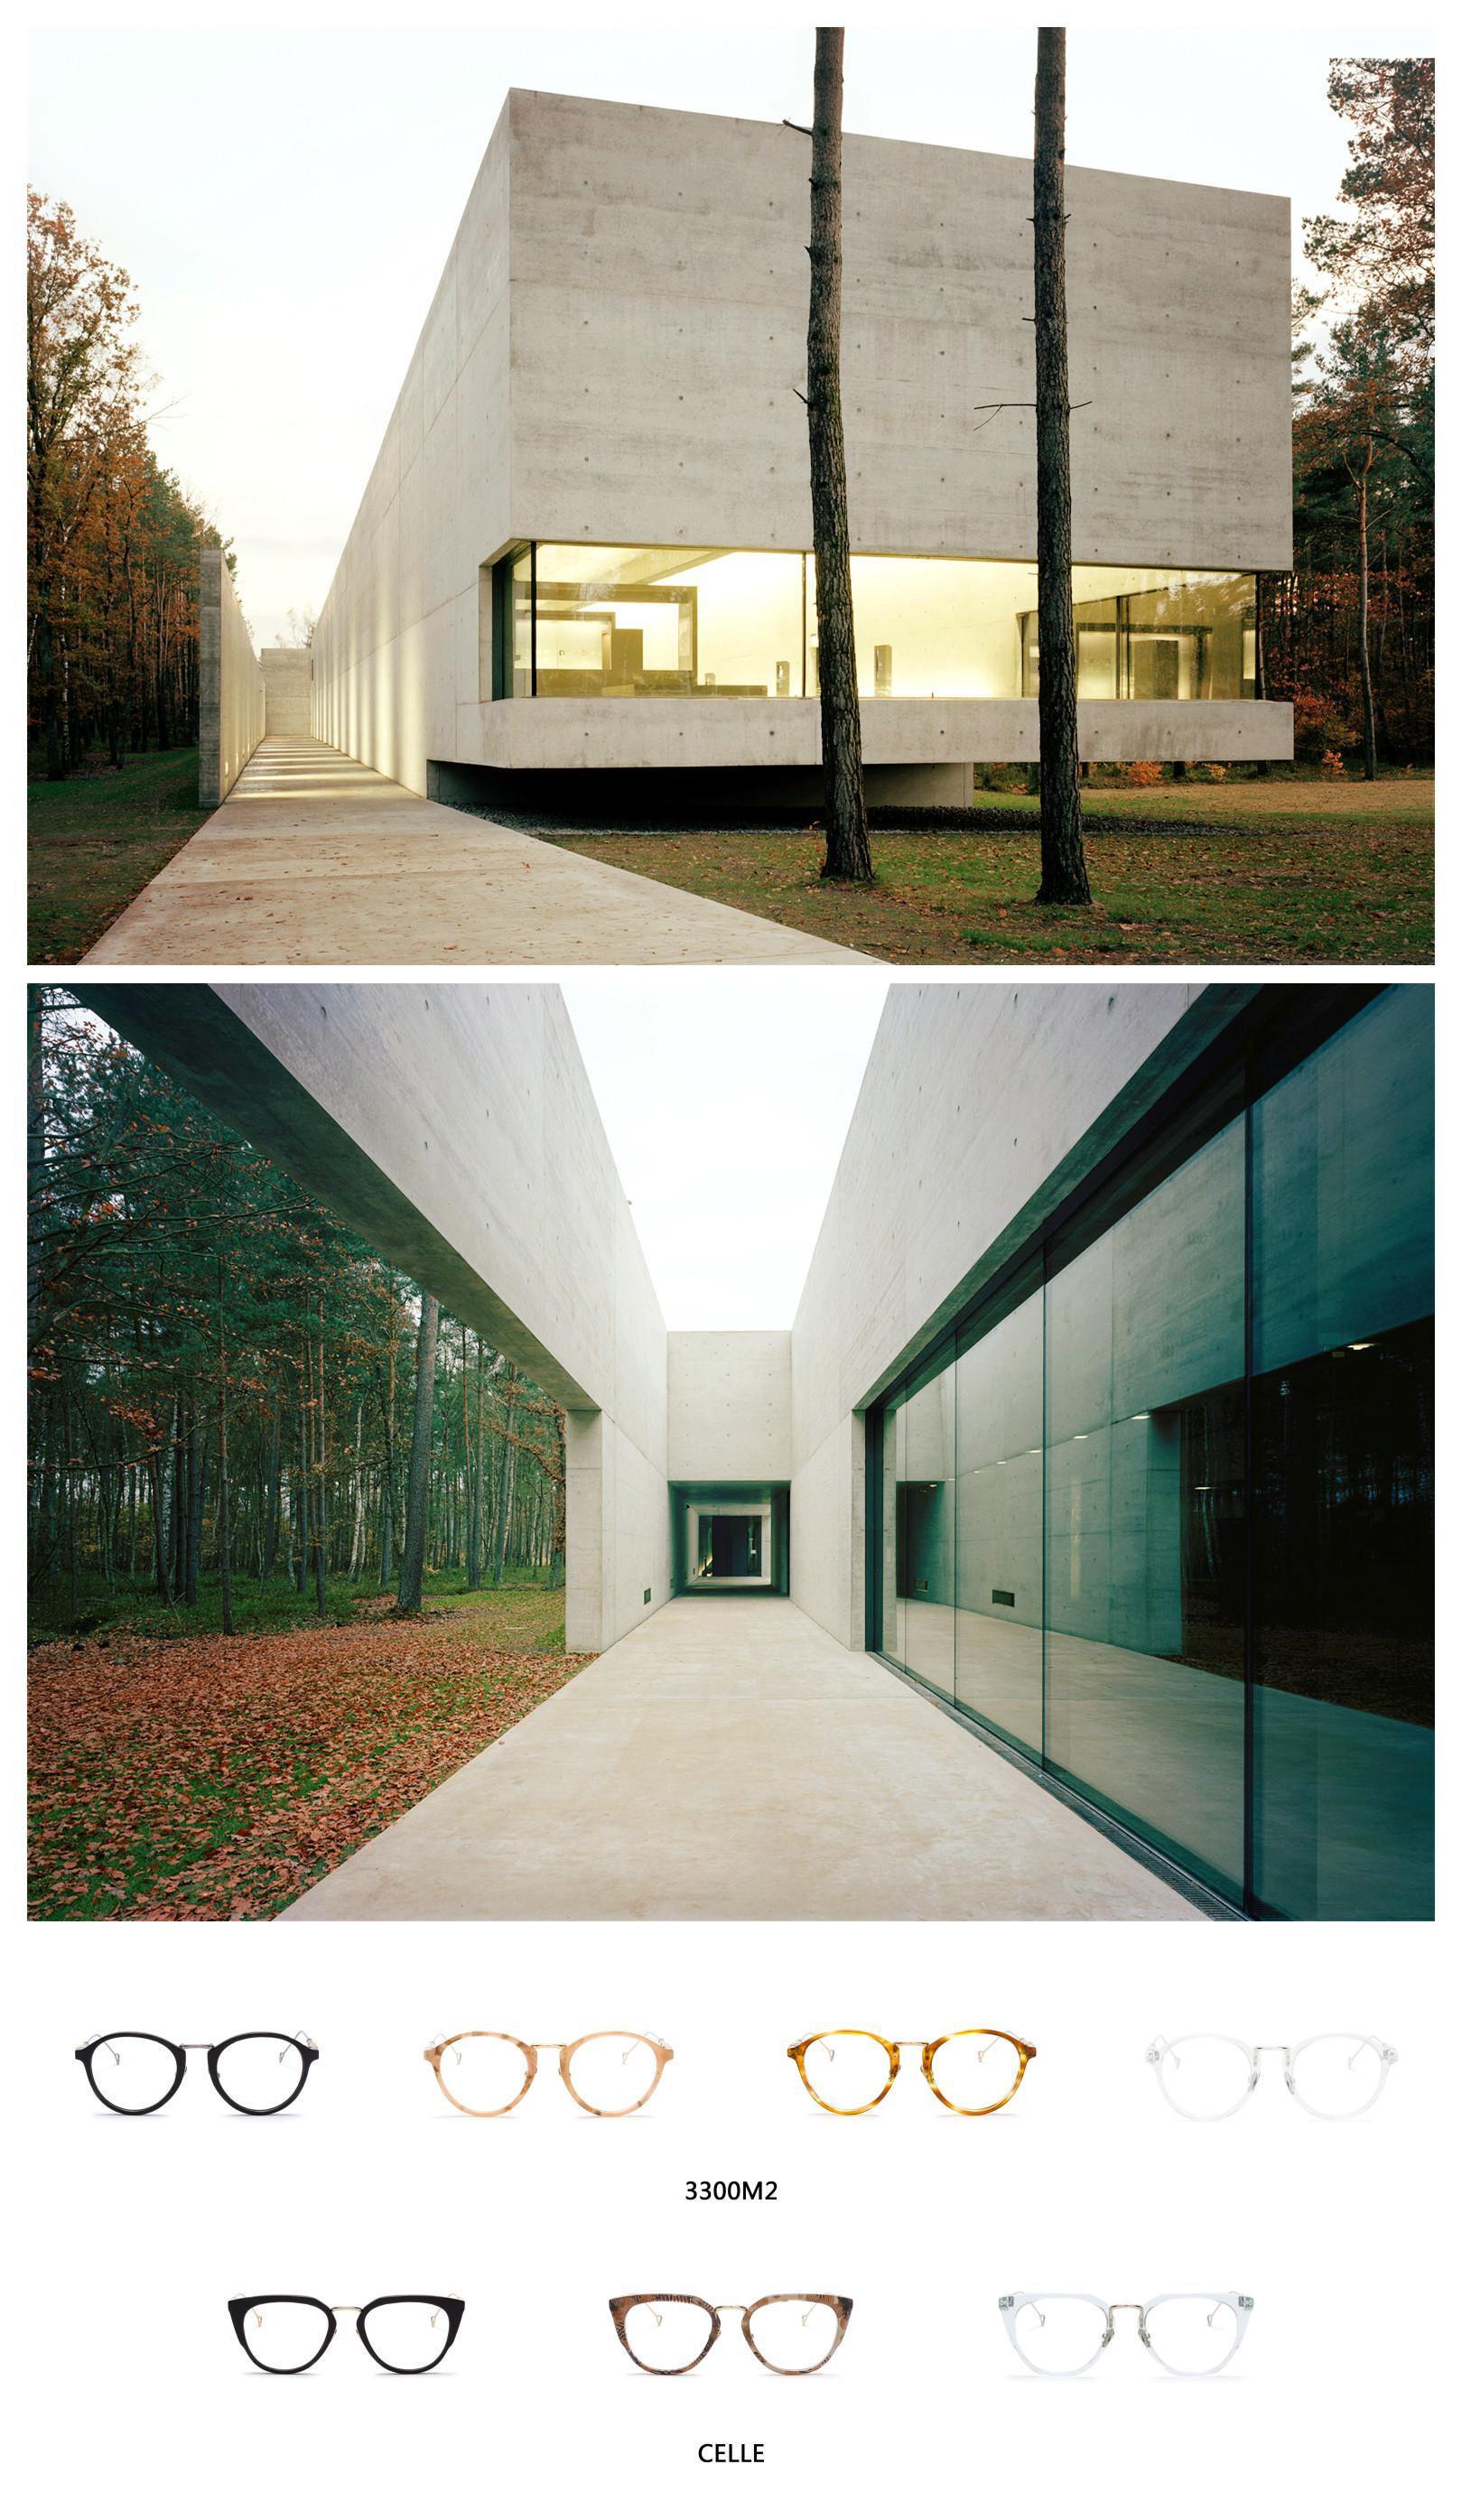 这6个世界建筑的精华,浓缩成了HAZE的眼镜艺术